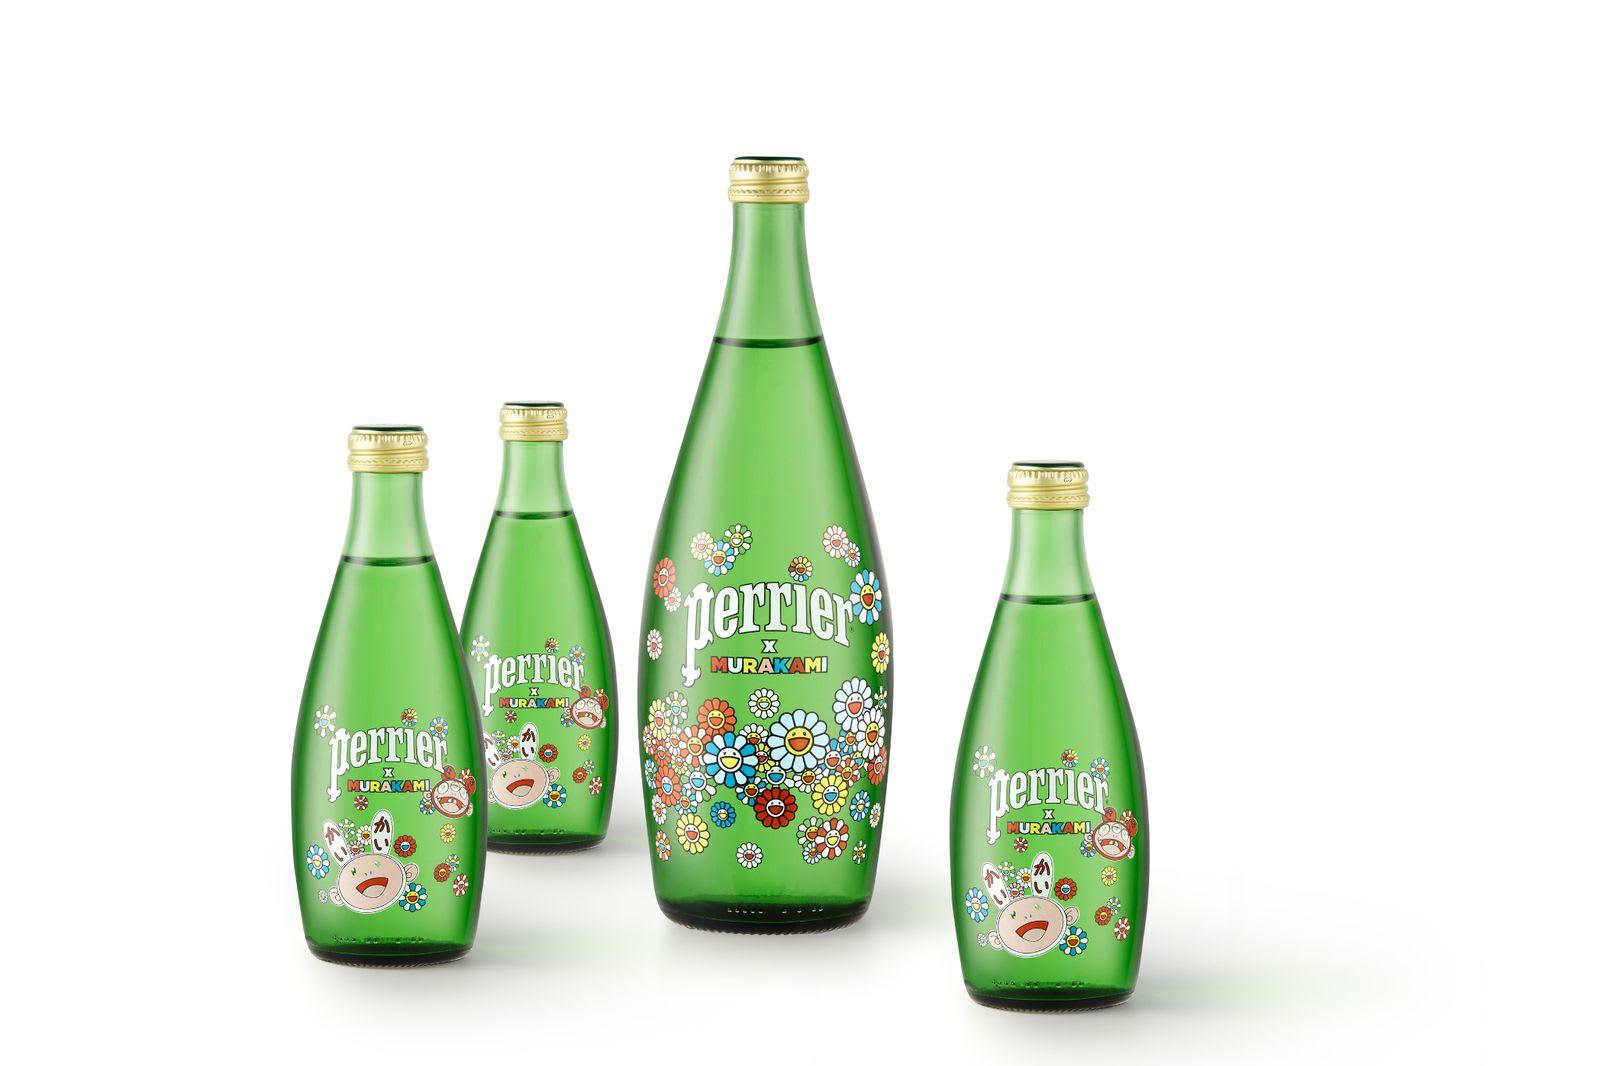 Takashi Murakami colabora con Perrier en una edición limitada de sus botellas (4)